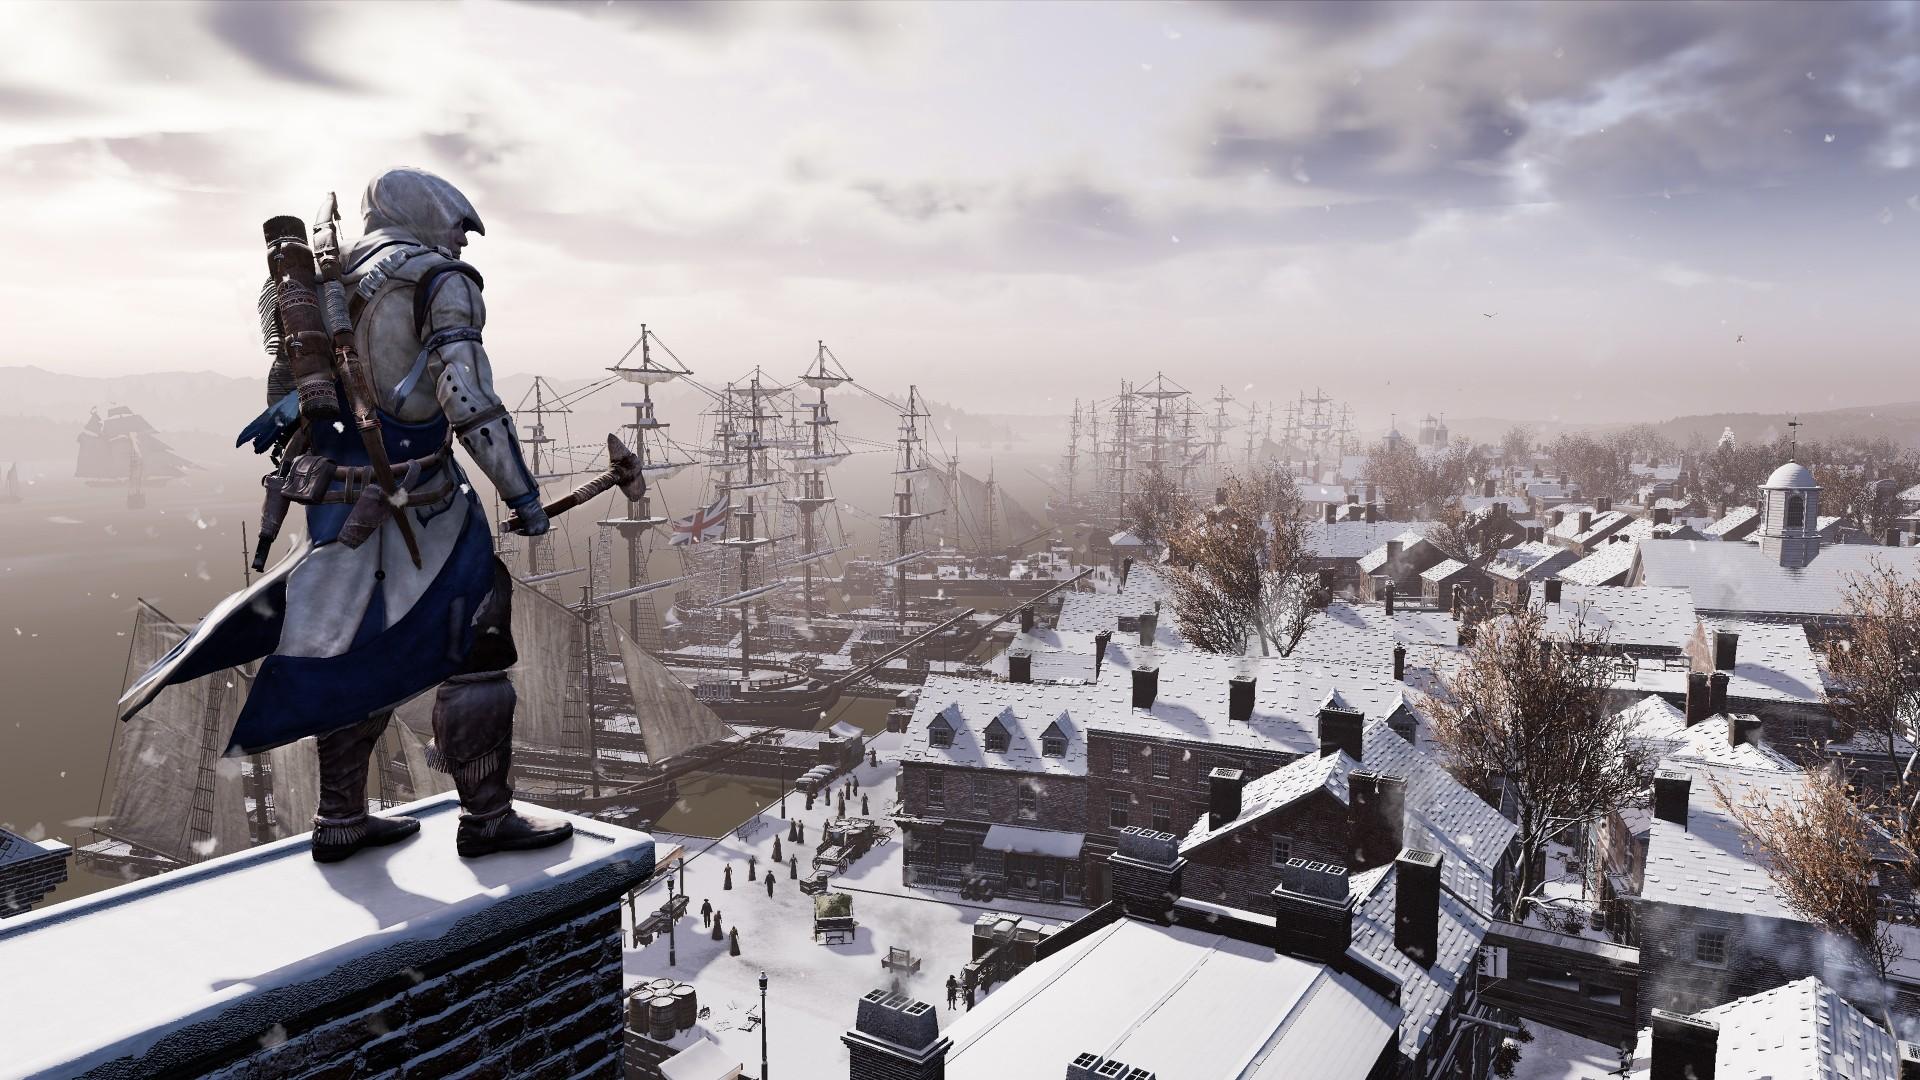 Assassin's Creed 3: Remastered взломали и слили на торренты за несколько дней до выхода